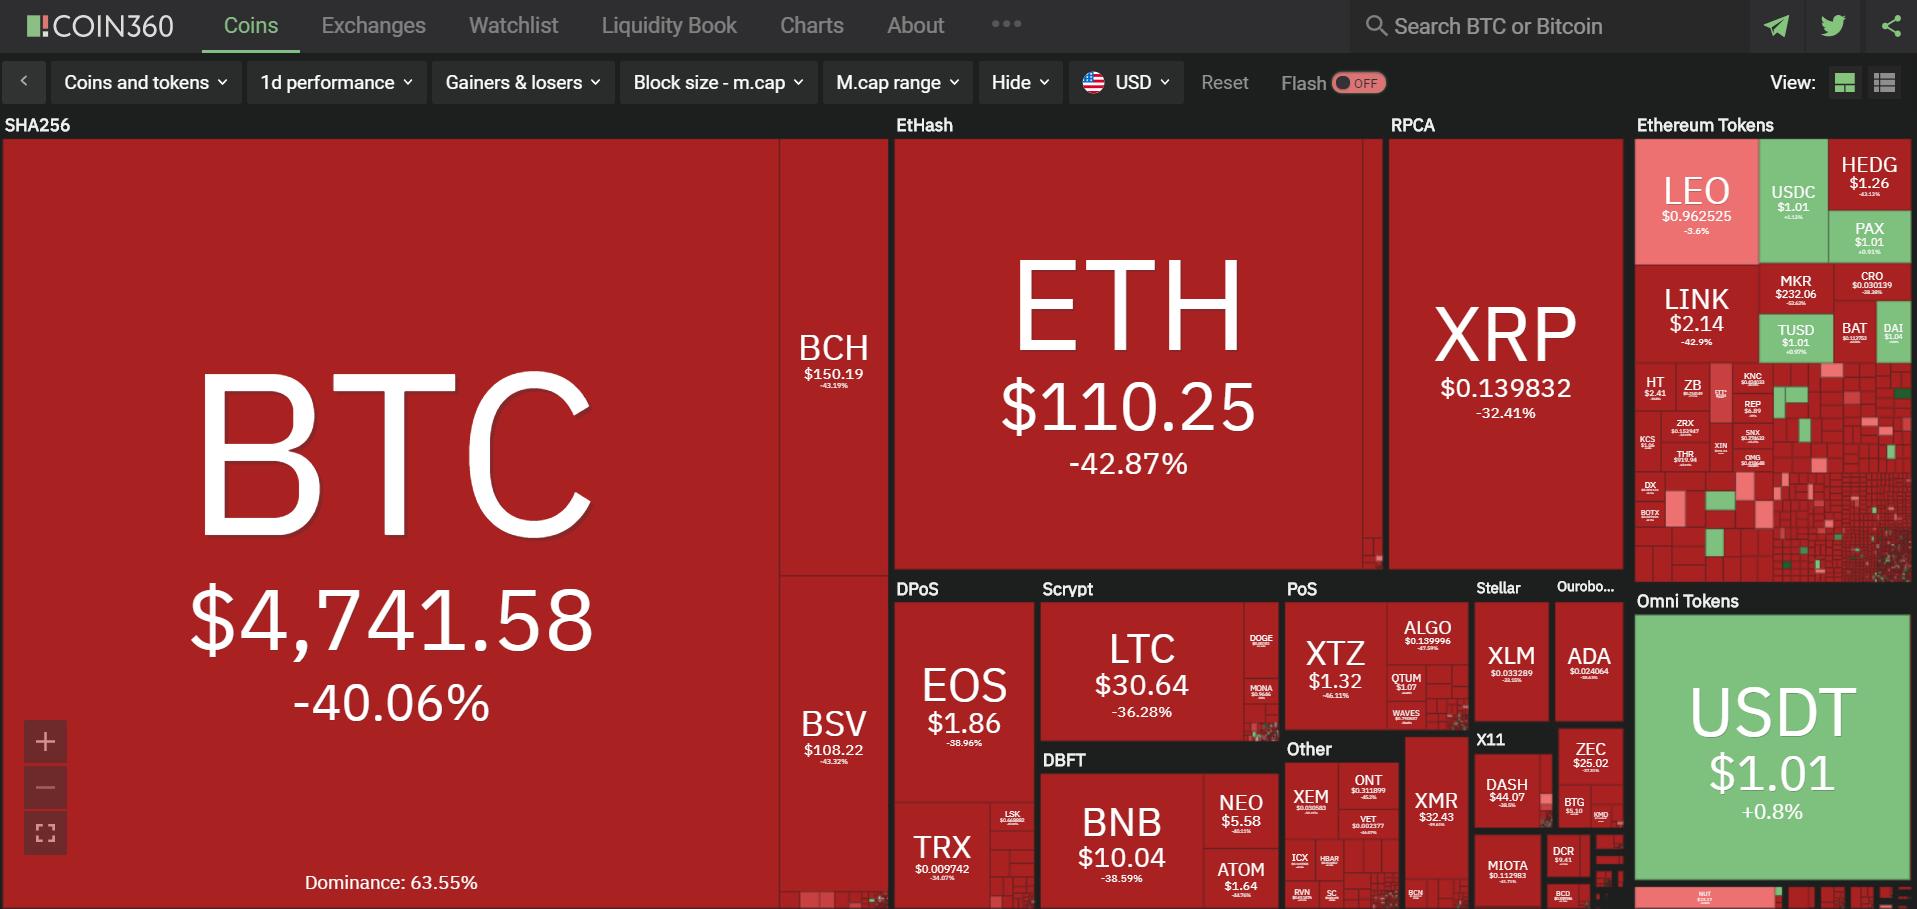 Toàn cảnh thị trường tiền kĩ thuật số hôm nay (13/3) (Nguồn: Coin360.com)